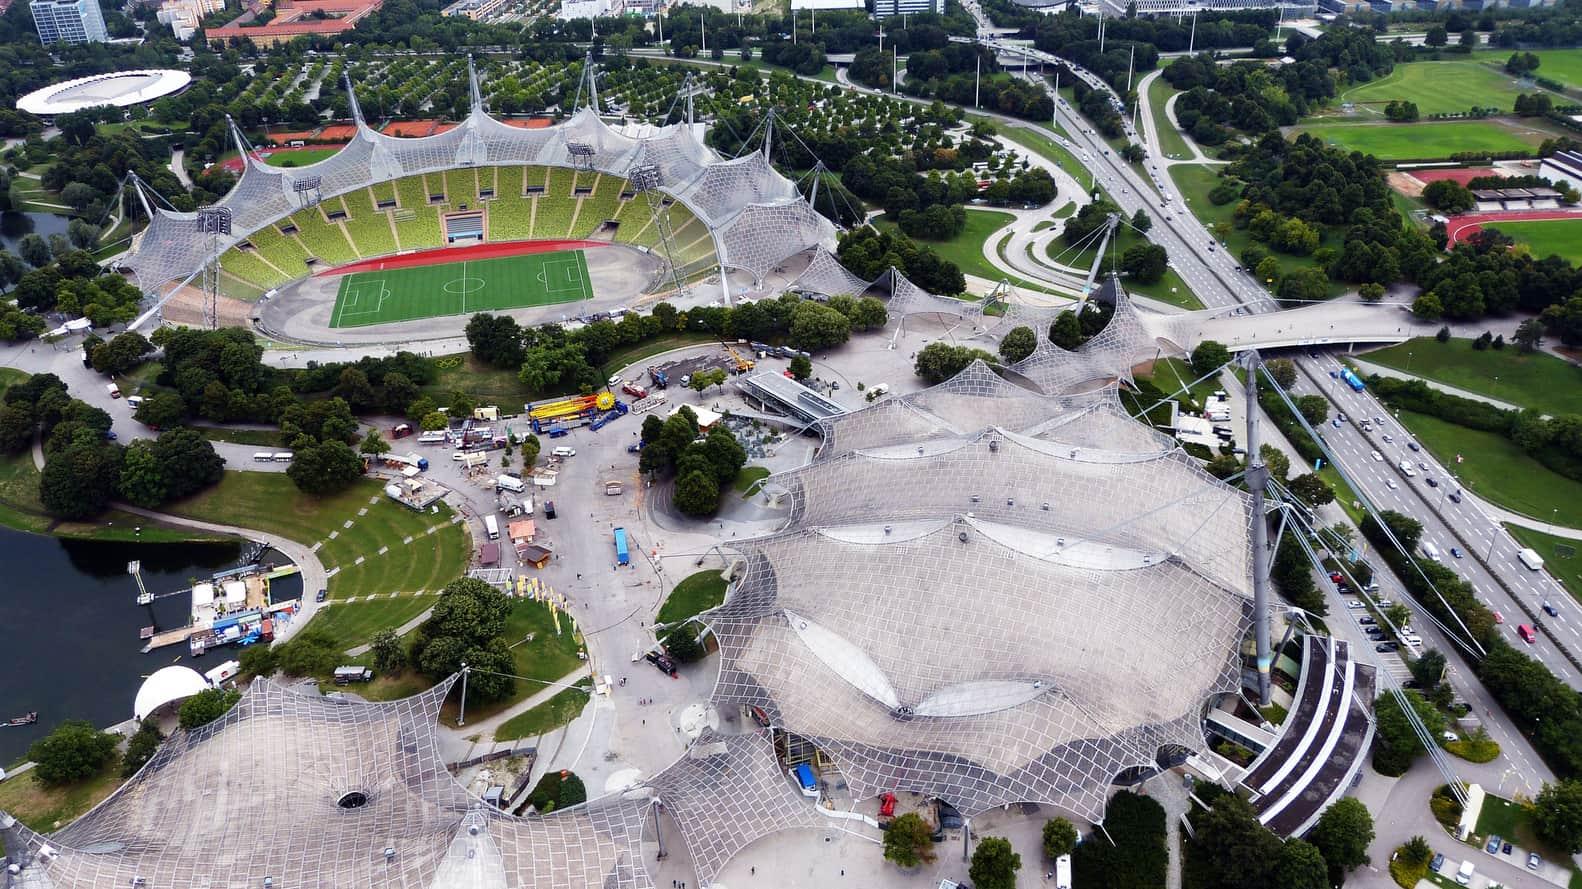 نتيجة بحث الصور عن الحديقه الأولمبية